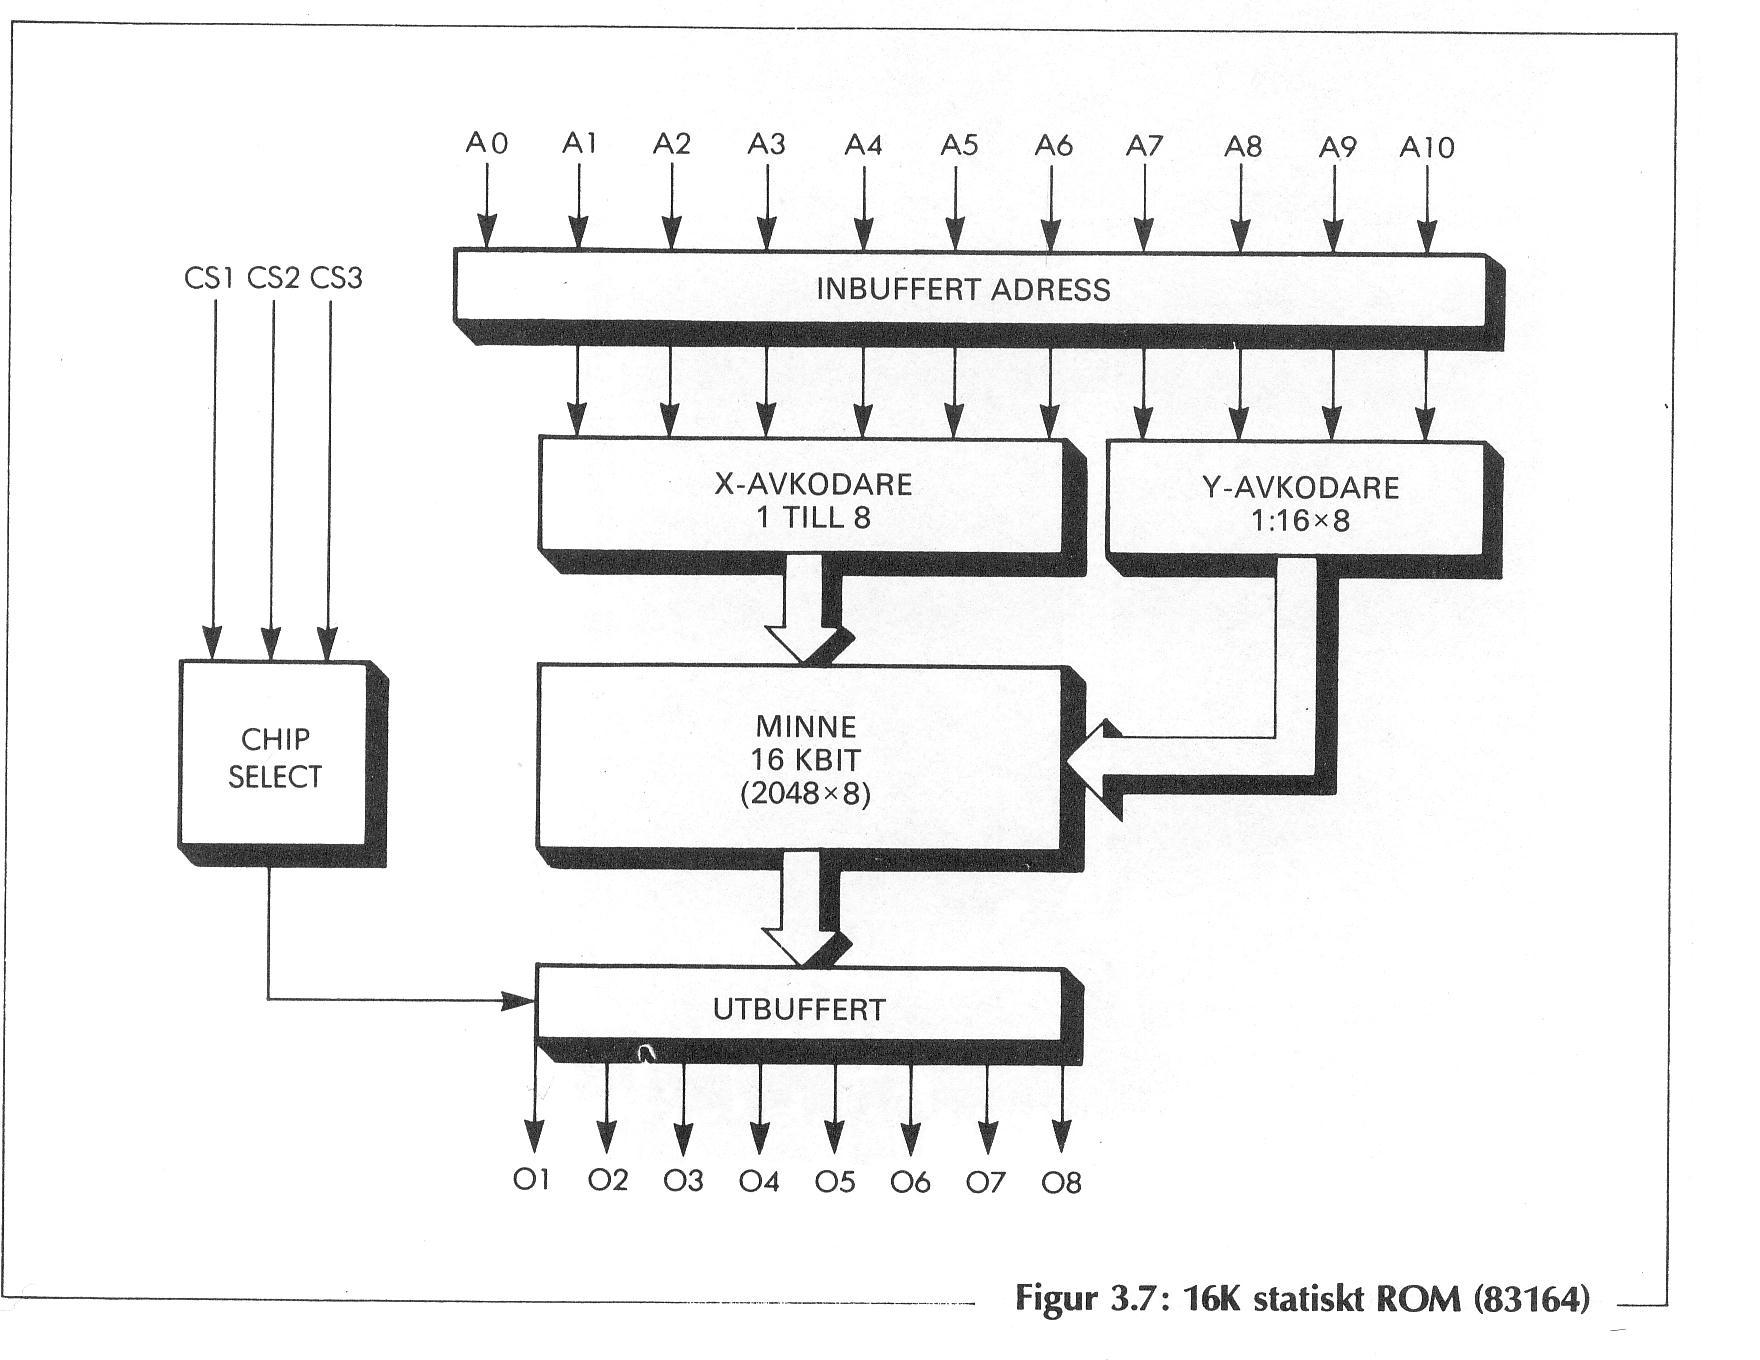 circuit diagram of a 16k static rom 83164